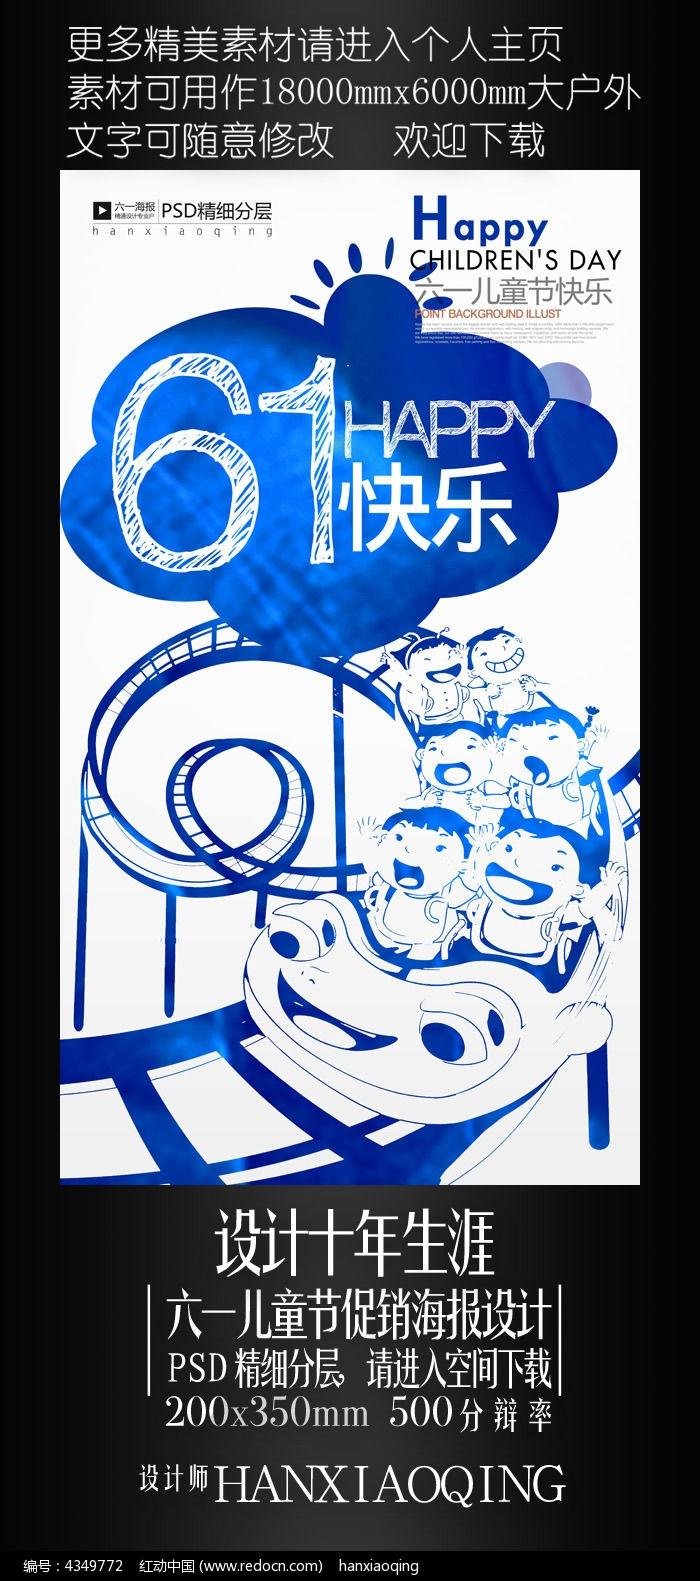 手绘六一儿童节宣传海报设计